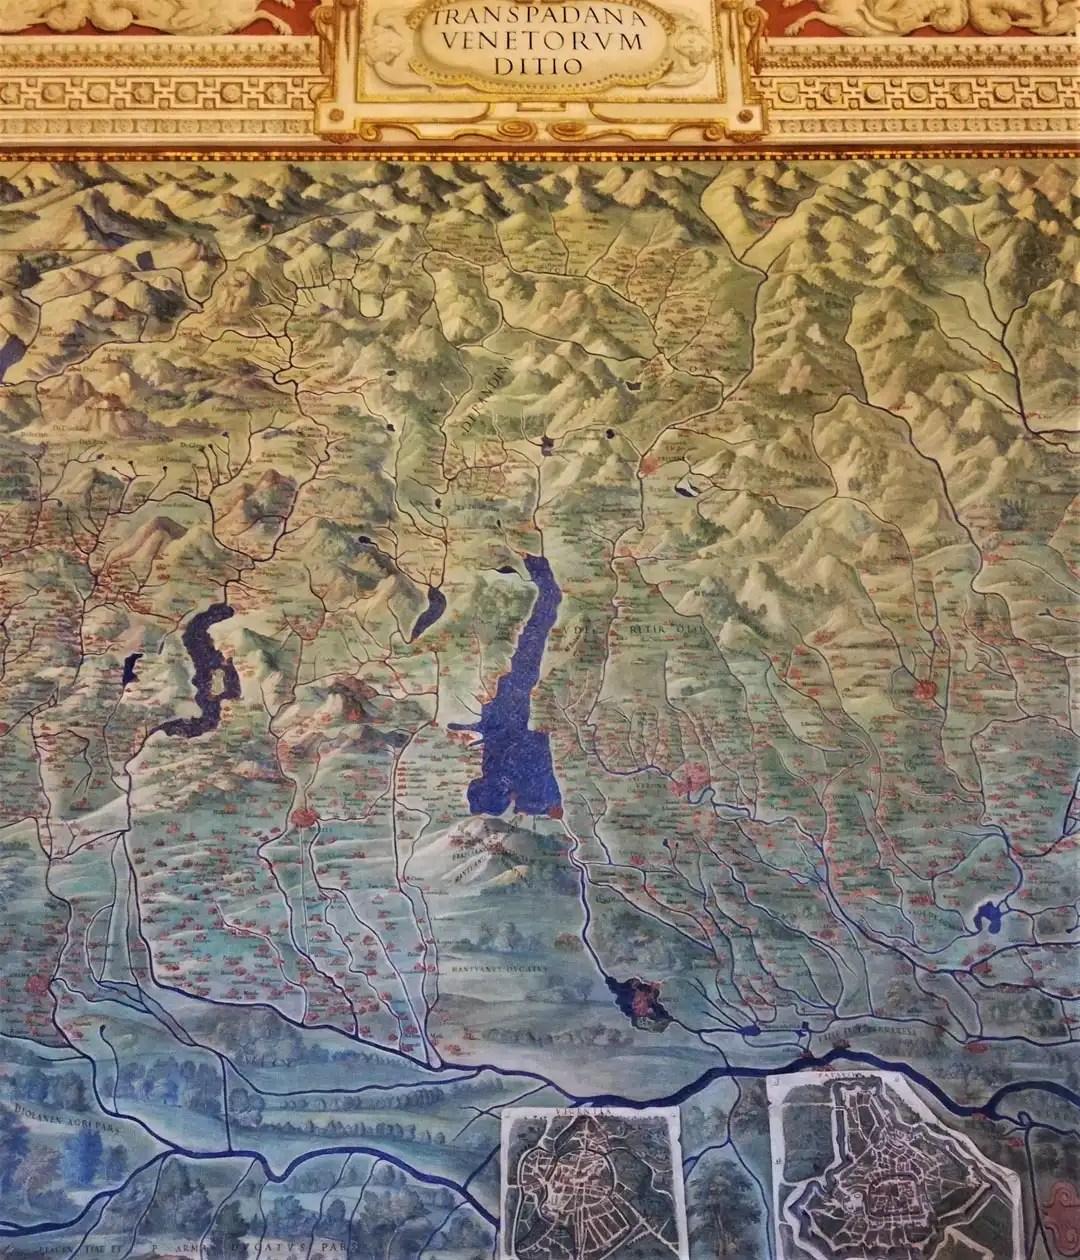 Galleria delle Carte Geografiche nei Musei Vaticani di Roma